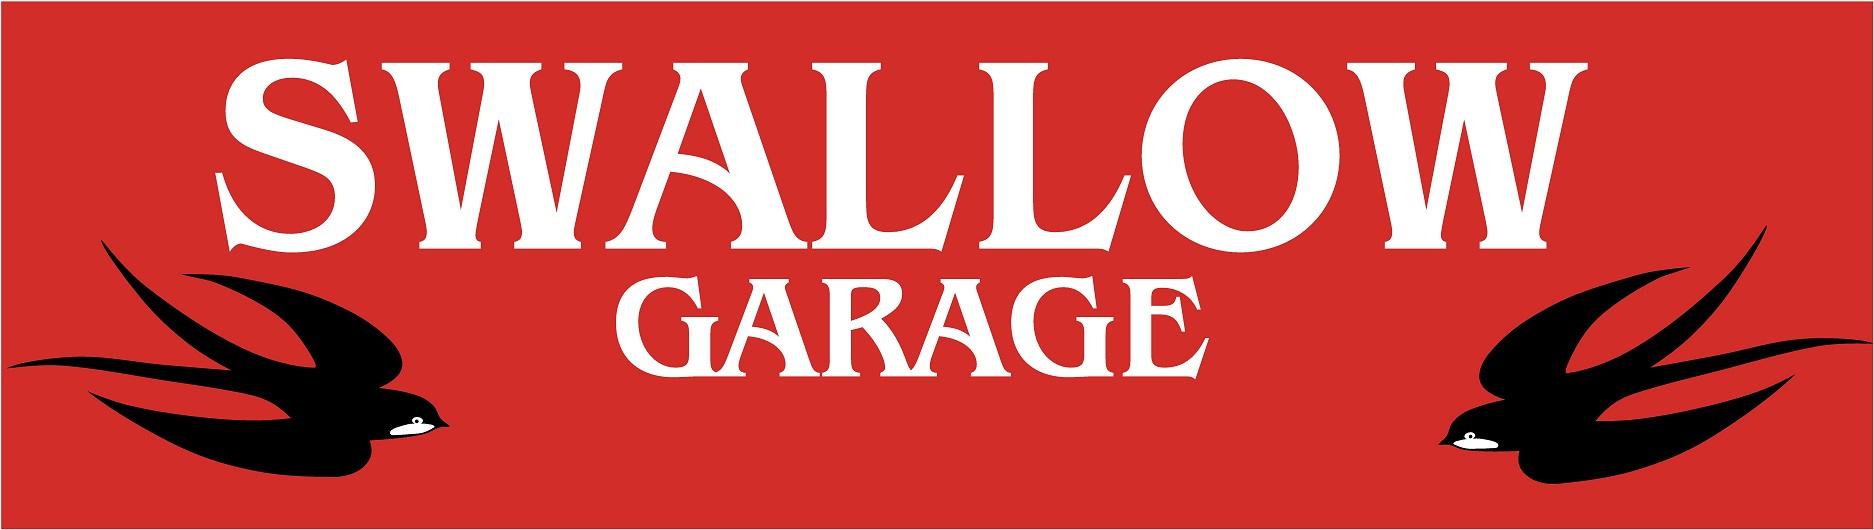 swallow garage Logo